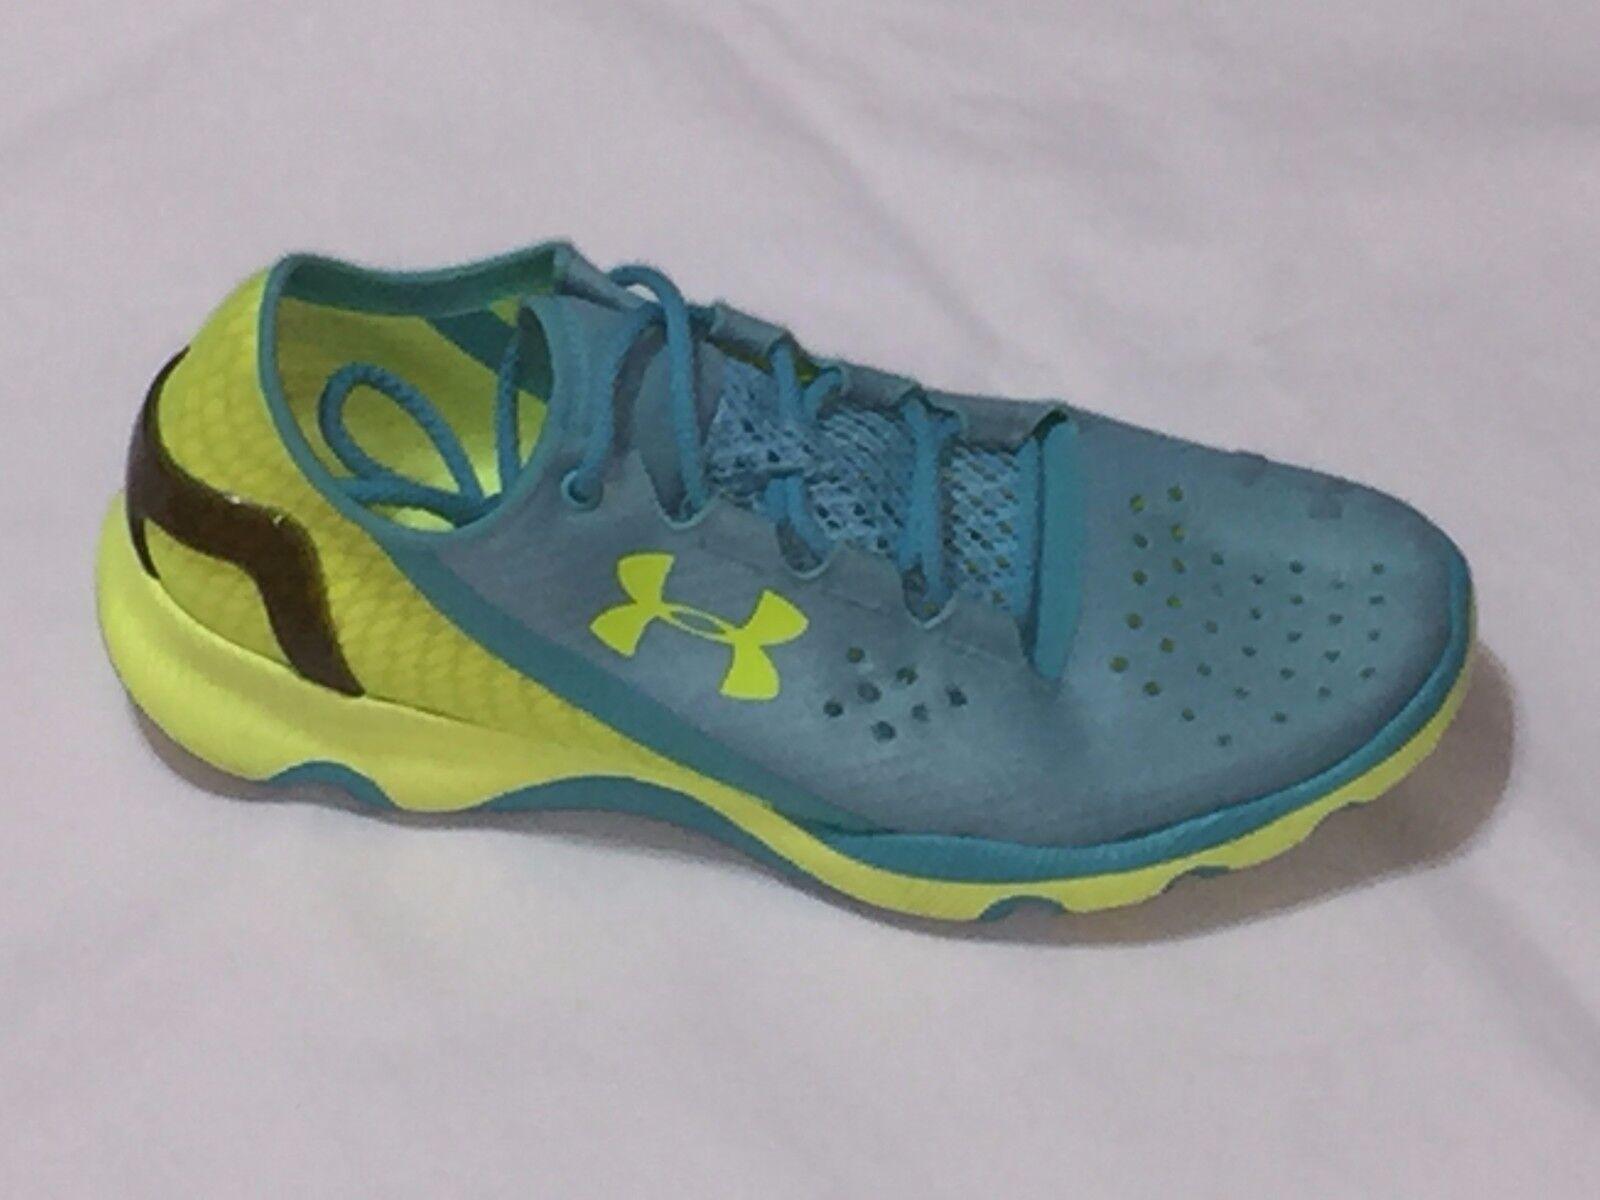 Nueva Under mujer 8.5 sua deportivos apollotraining zapatos Verde/AmarilloTamaño  8.5 mujer 8f15b1